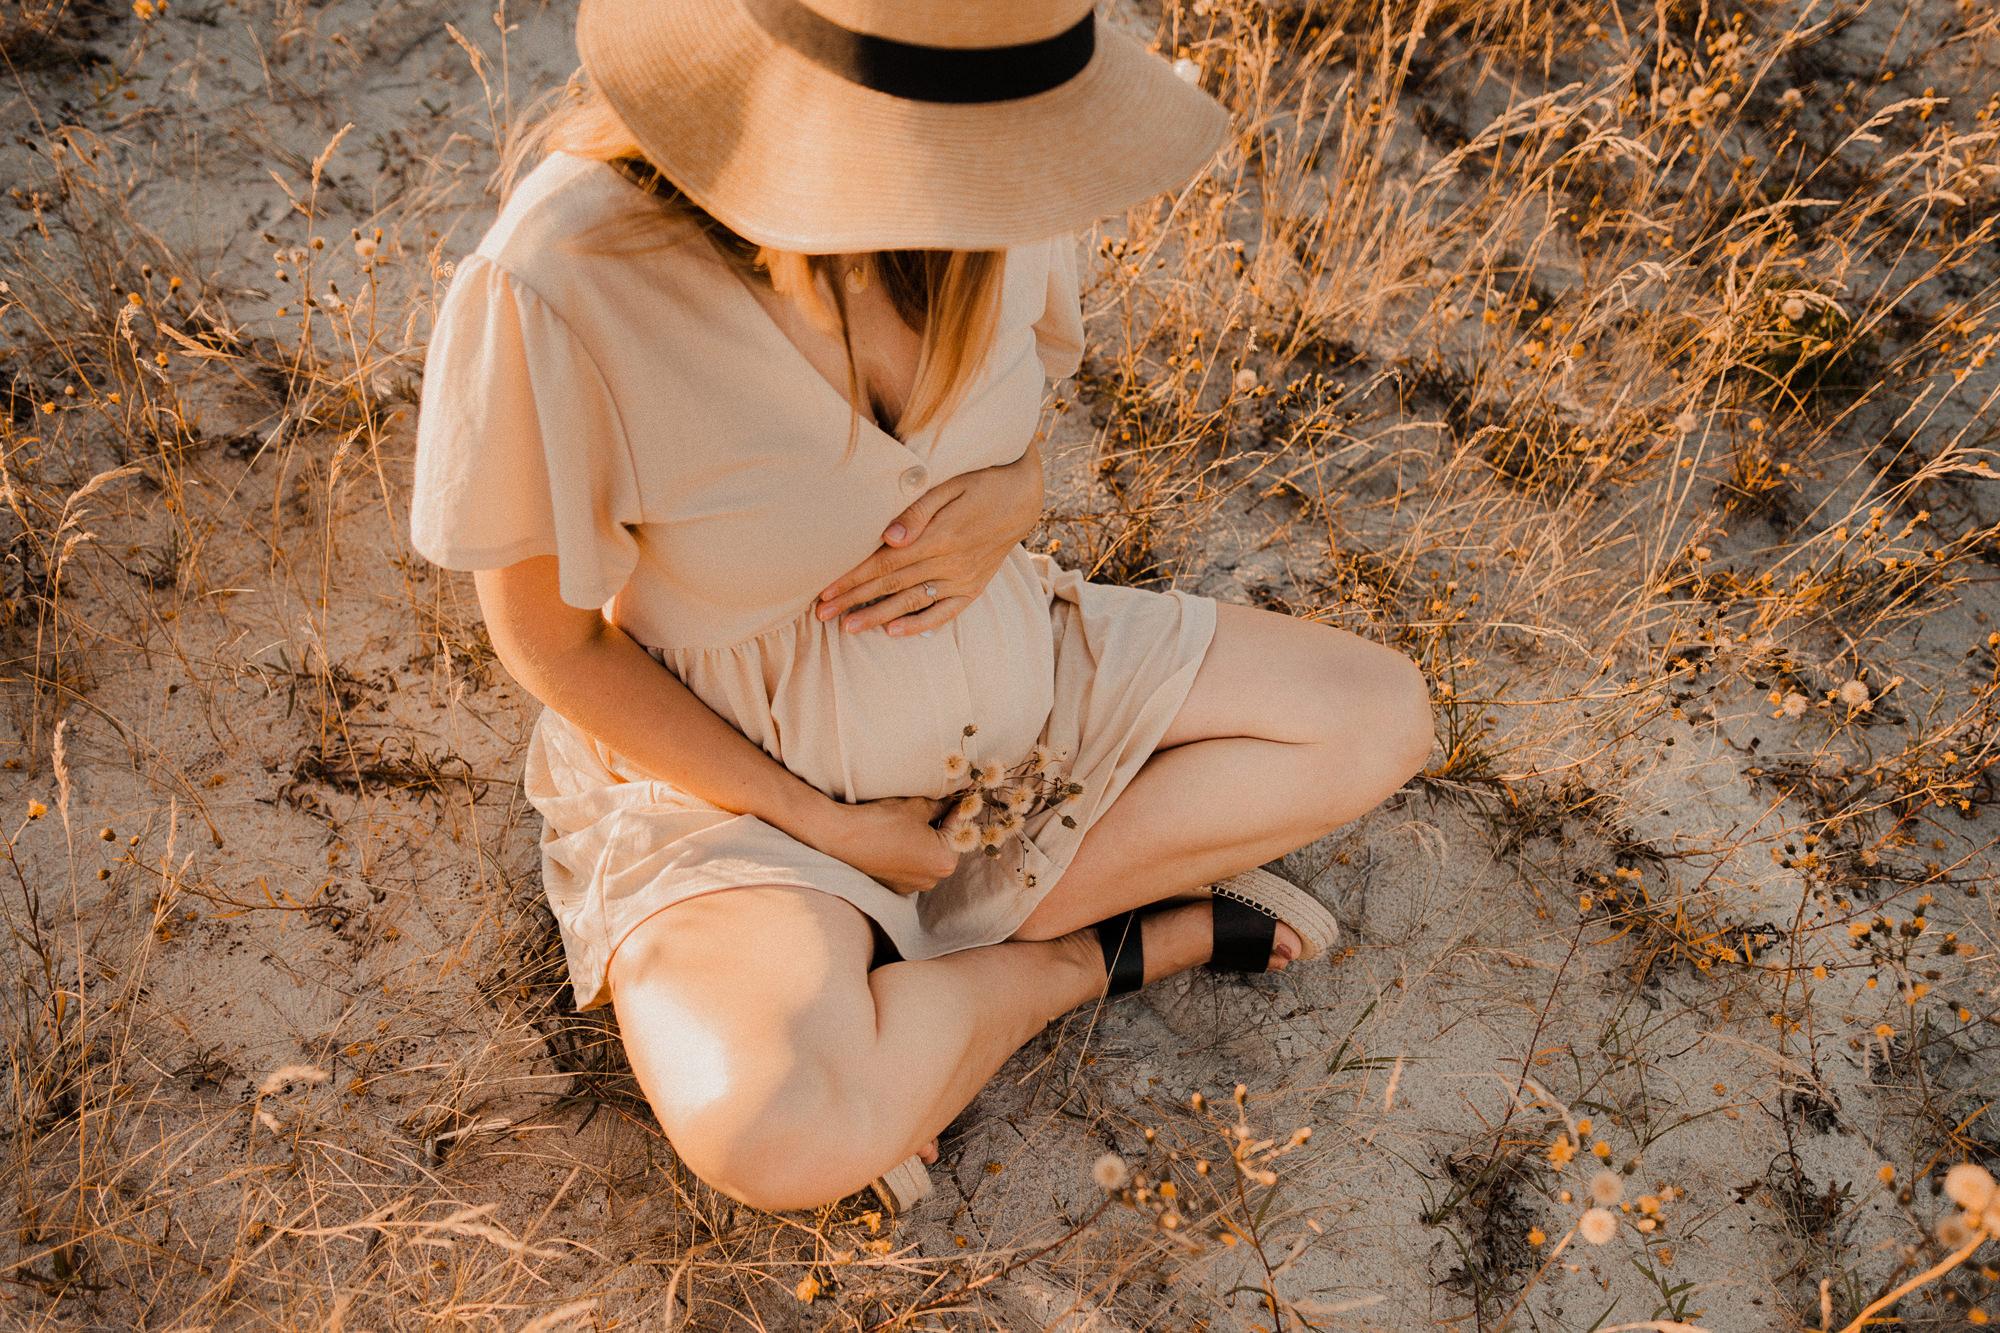 Babybauchshooting im Sonnenuntergang an der Ostsee - Babybauch Fotoshooting Fischland Darß